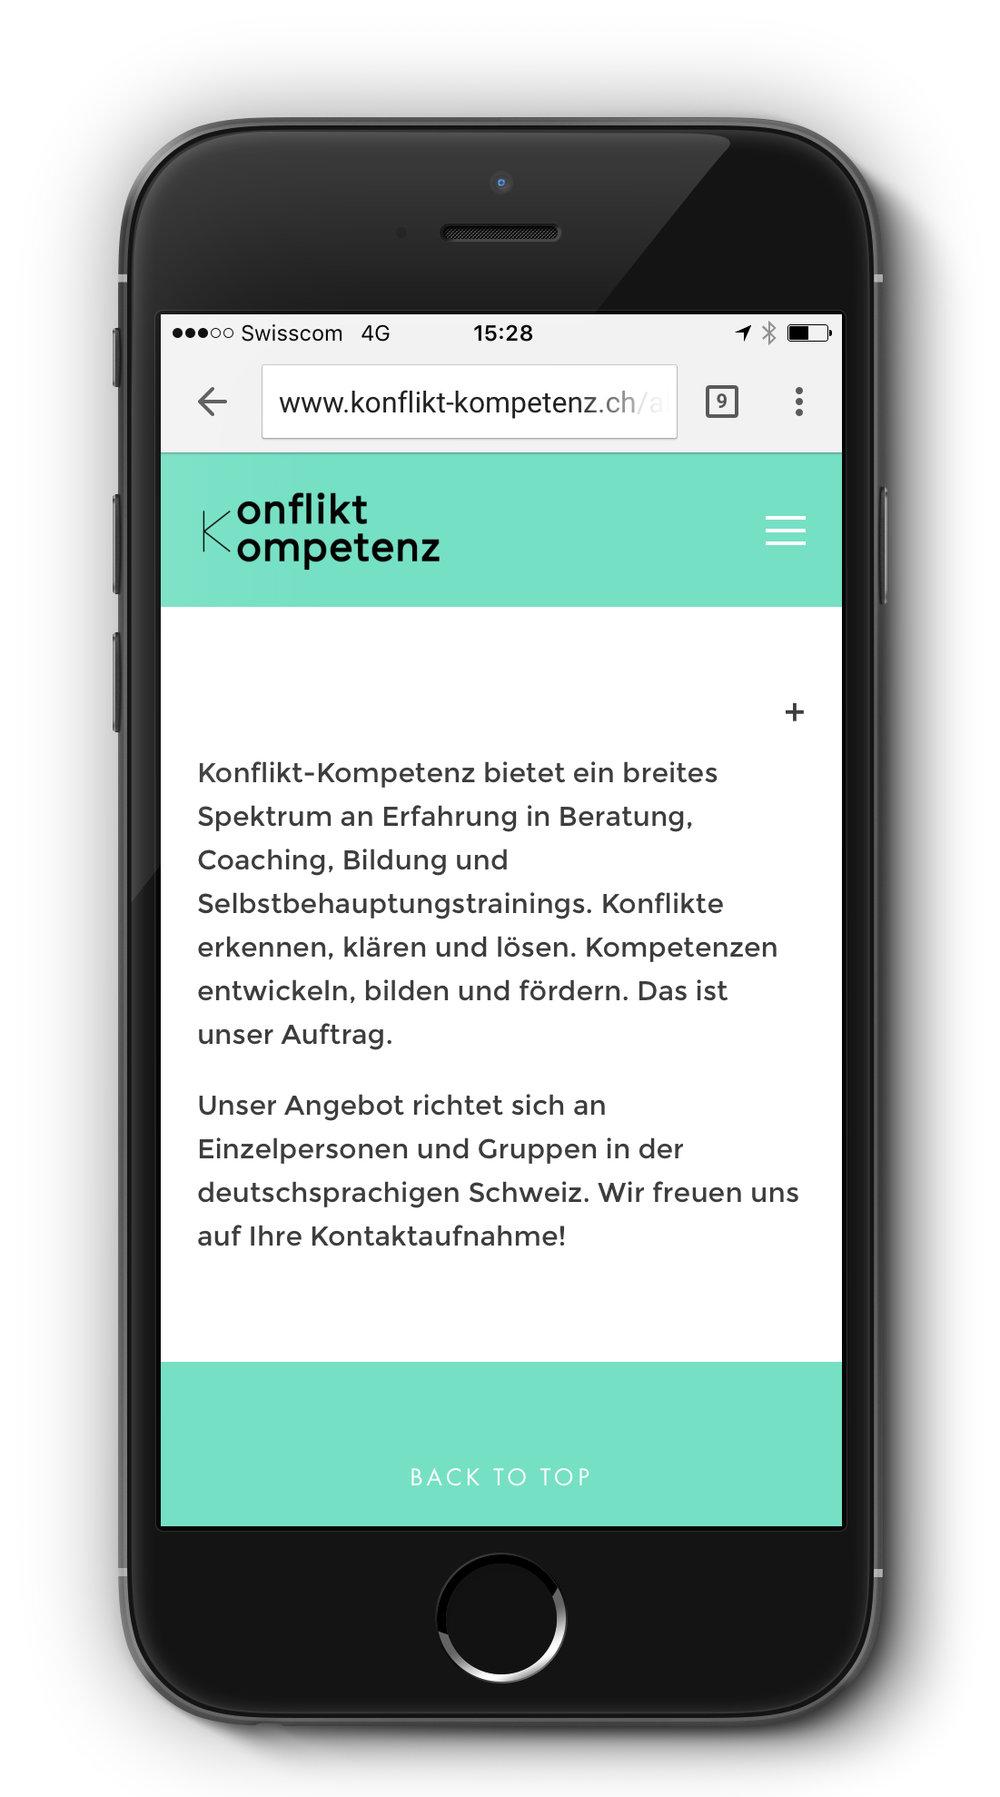 Konflikt-Kompetenz_iPhone_Angebot.jpg